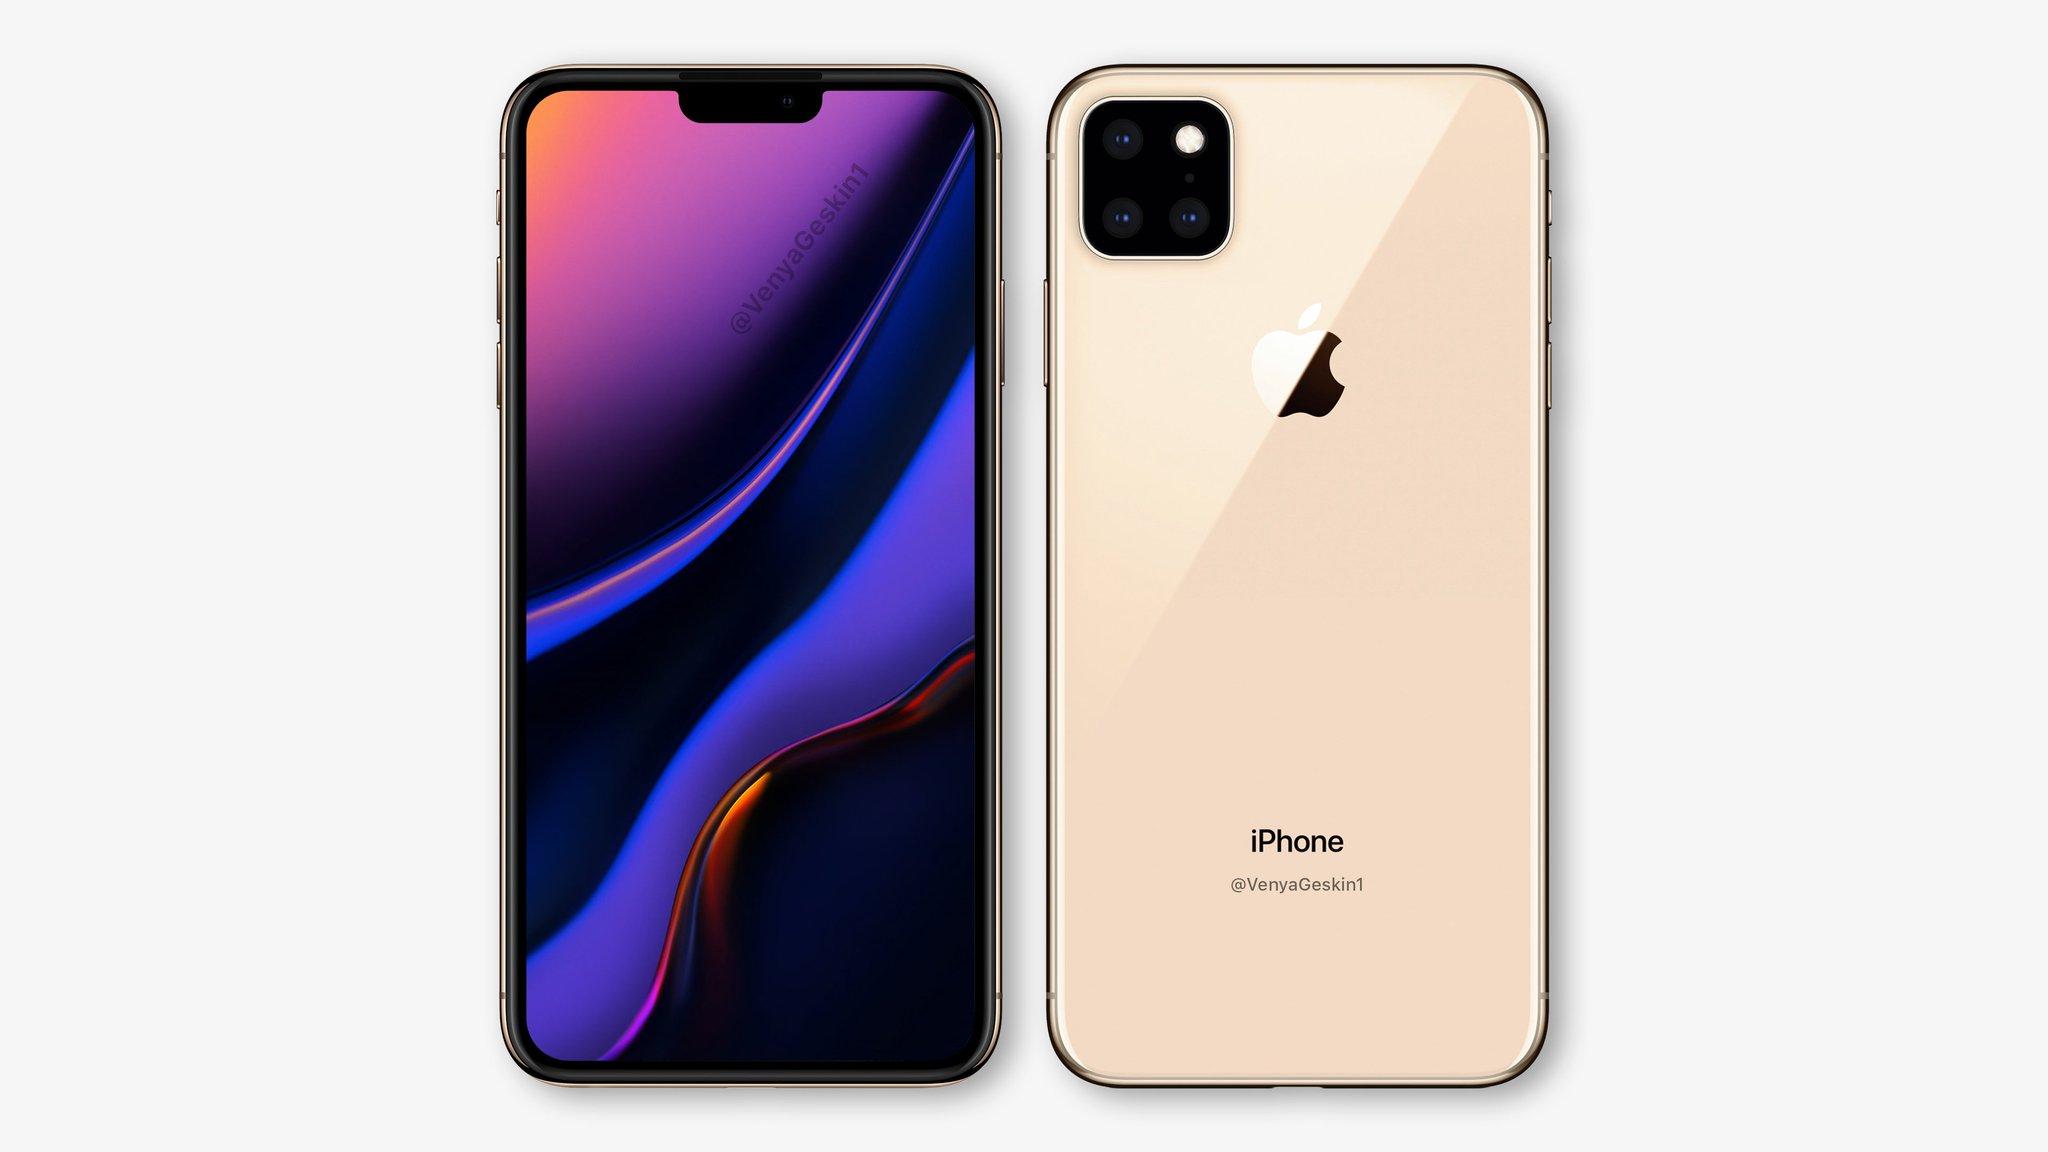 【2019年7月最新情報】秋発売のiPhone XI(iPhone 11)の最新情報まとめ